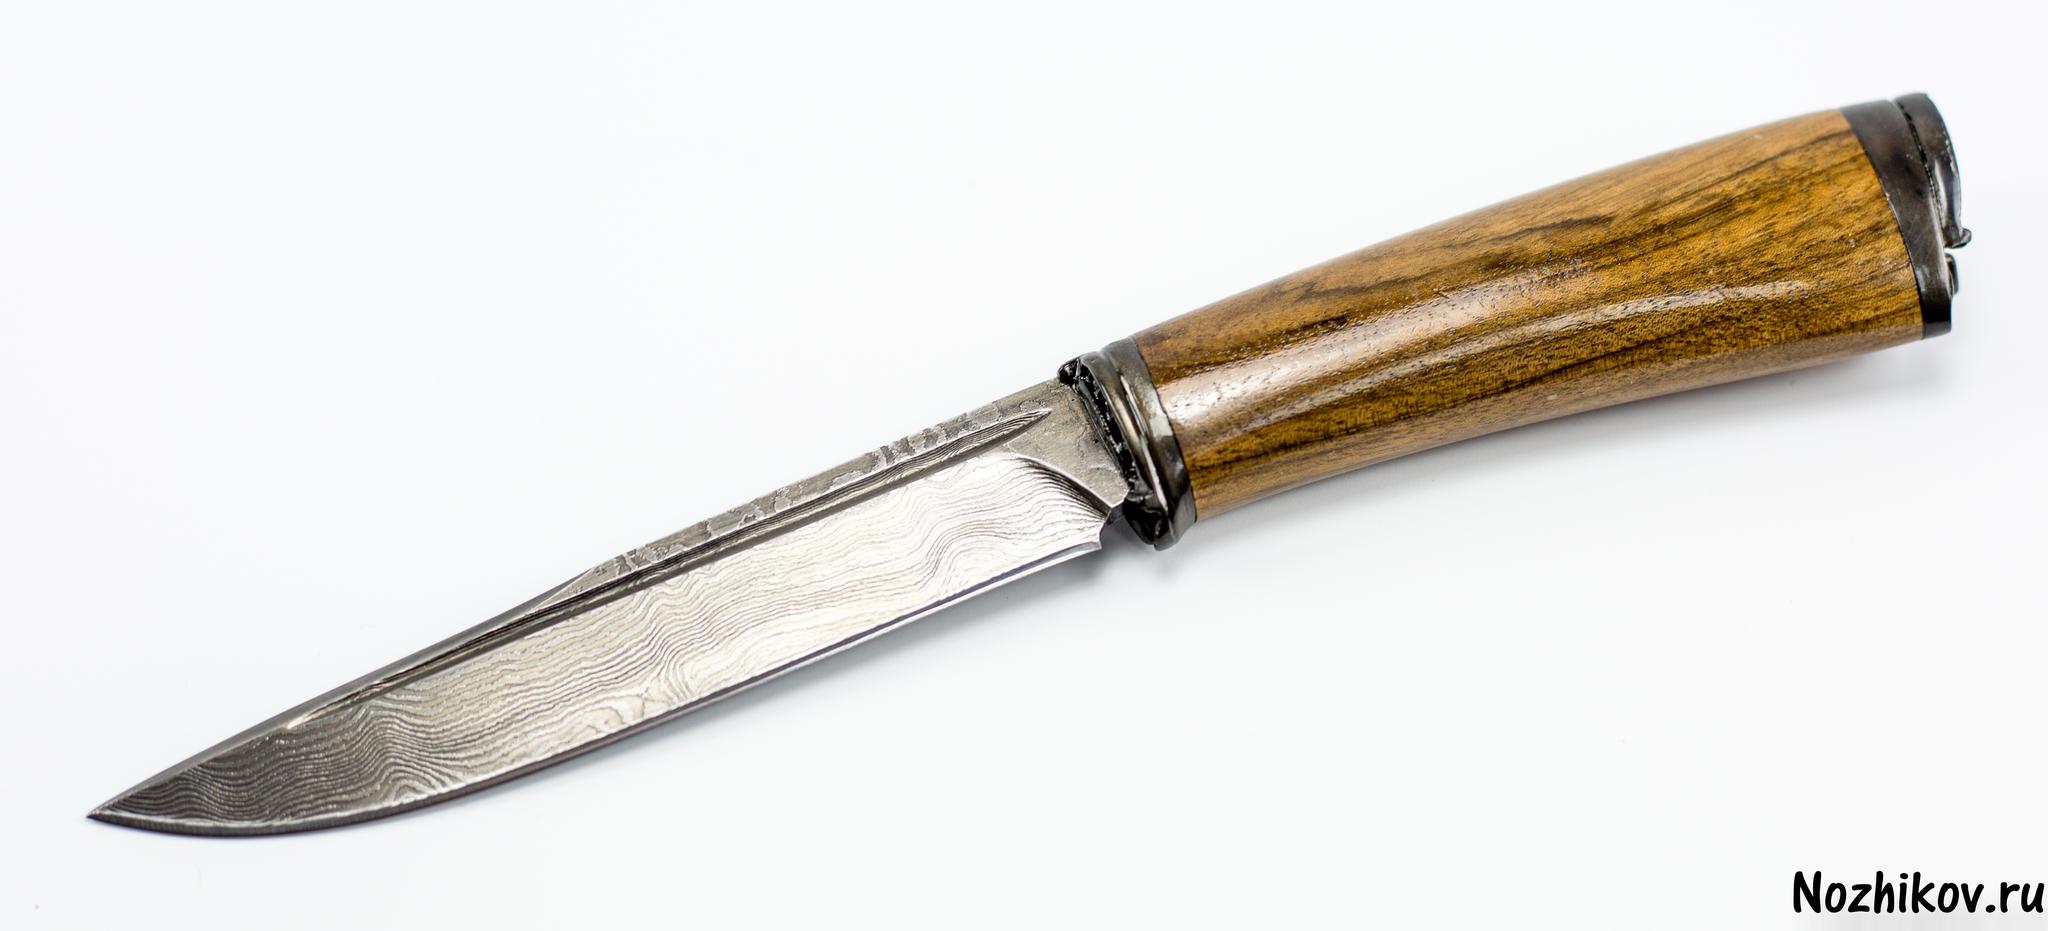 Авторский Нож из Дамаска №11, Кизляр